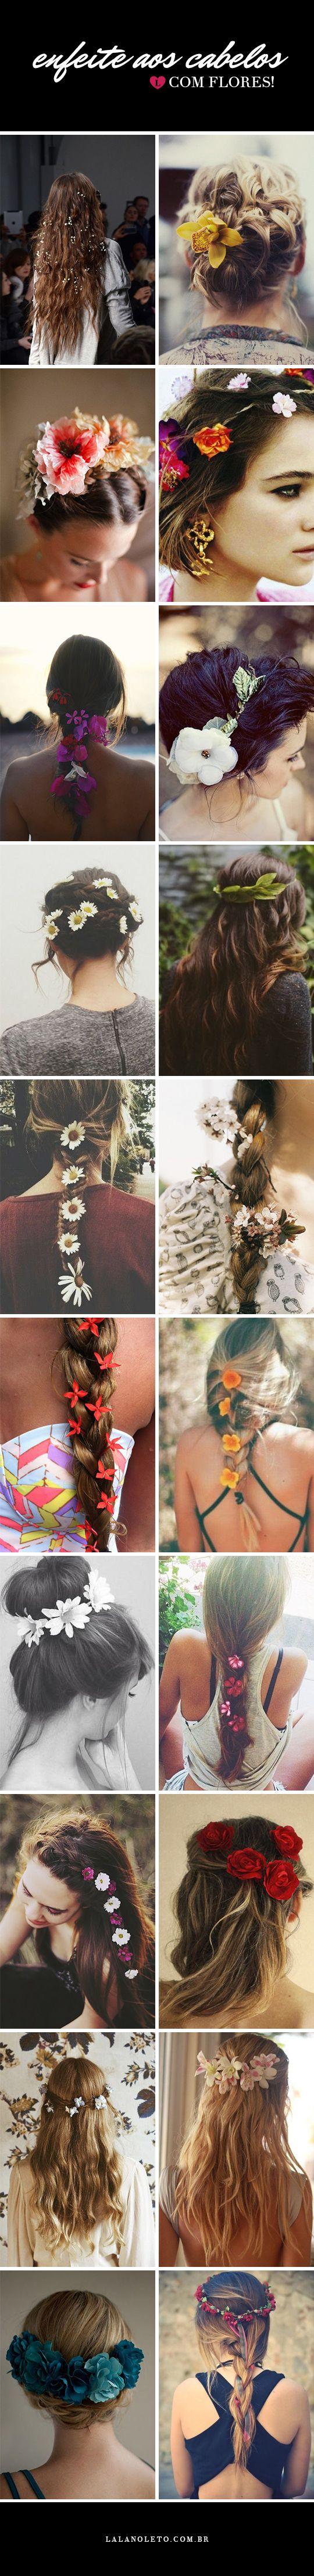 Dicas e inspirações de flores na cabeça para enfeitar e deixar o seu look ainda mais colorido